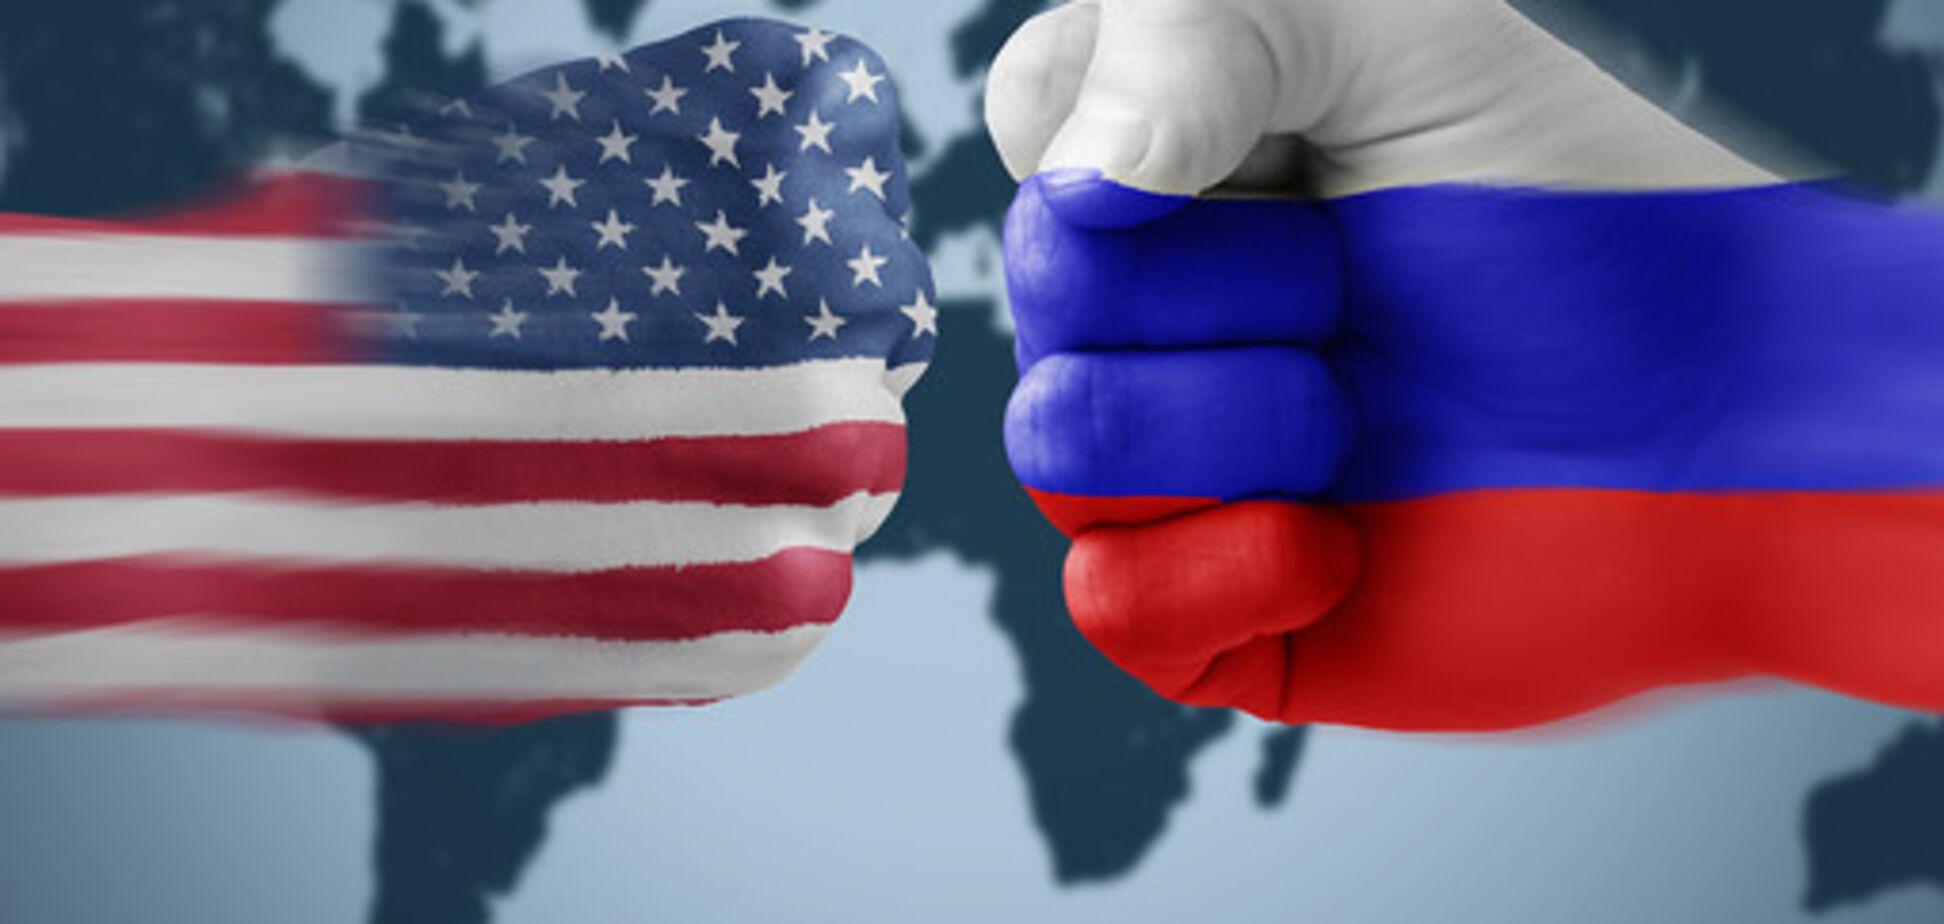 За Крым: в России нашли объяснение дипломатическому скандалу с Западом